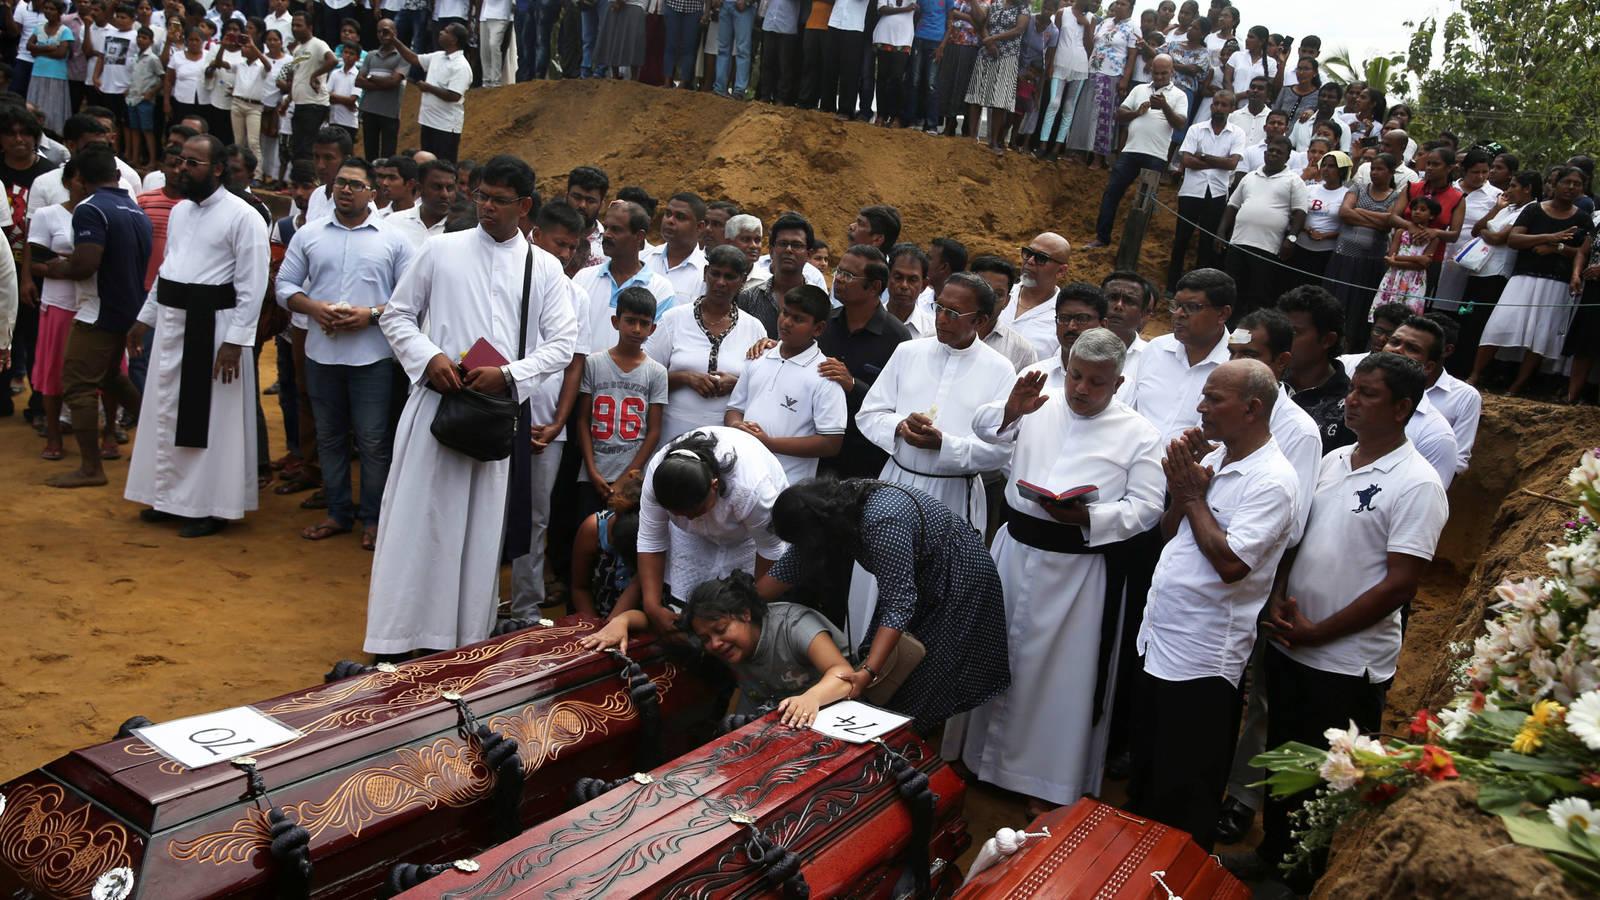 Los muertos en la serie de atentados en Sri Lanka se elevan a 310